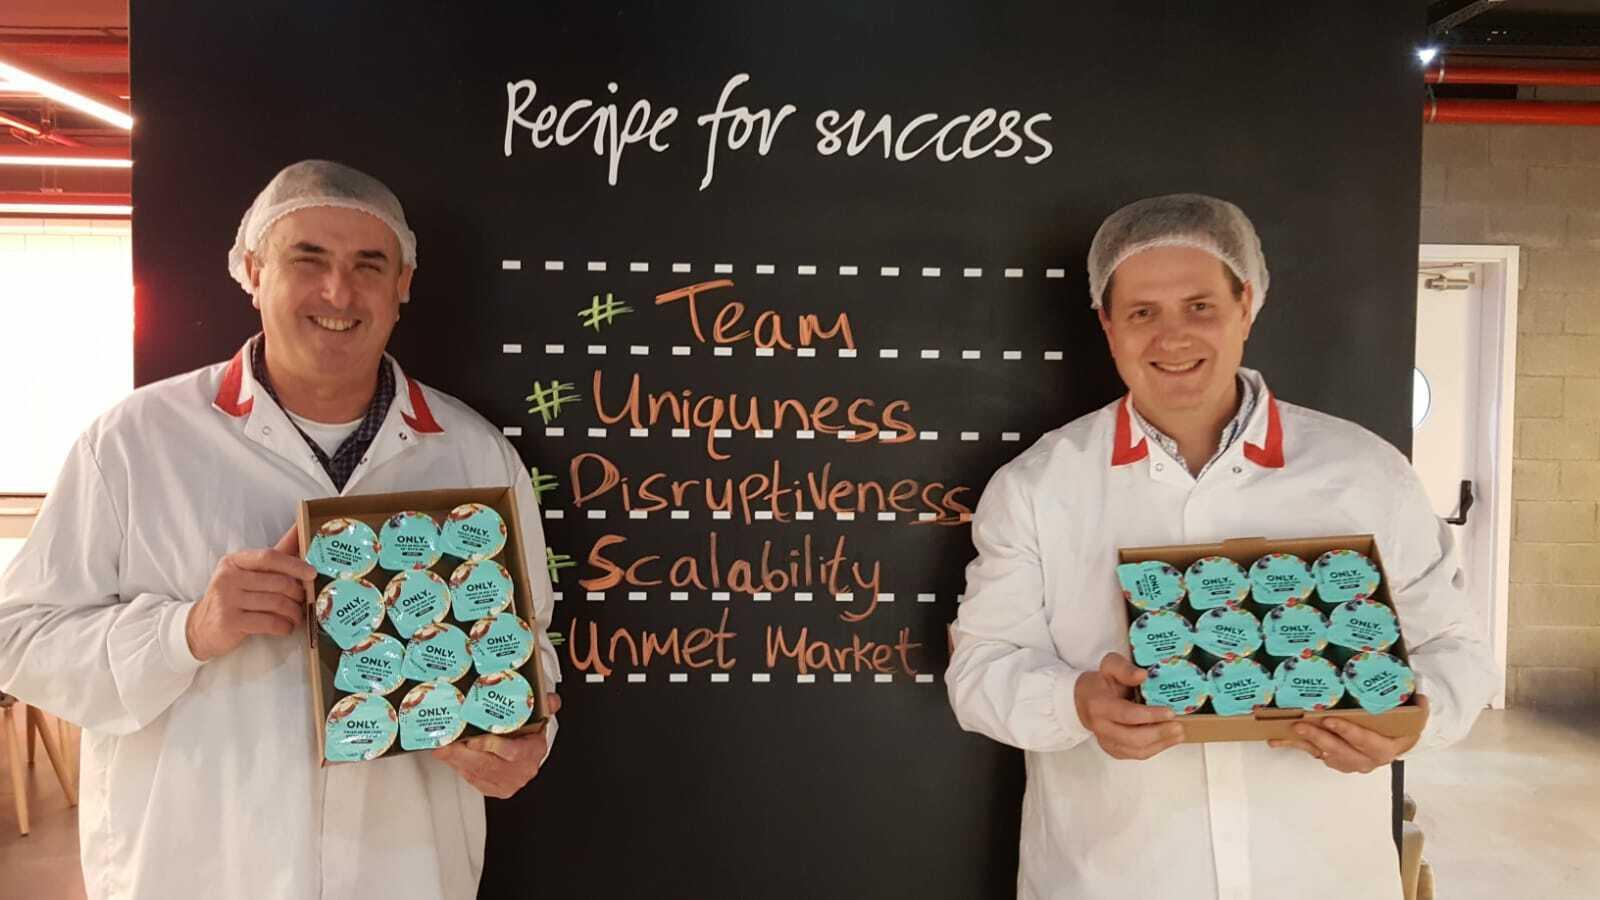 Yofix: Gründer aus Israel erfand milchfreie Joghurt-Alternative